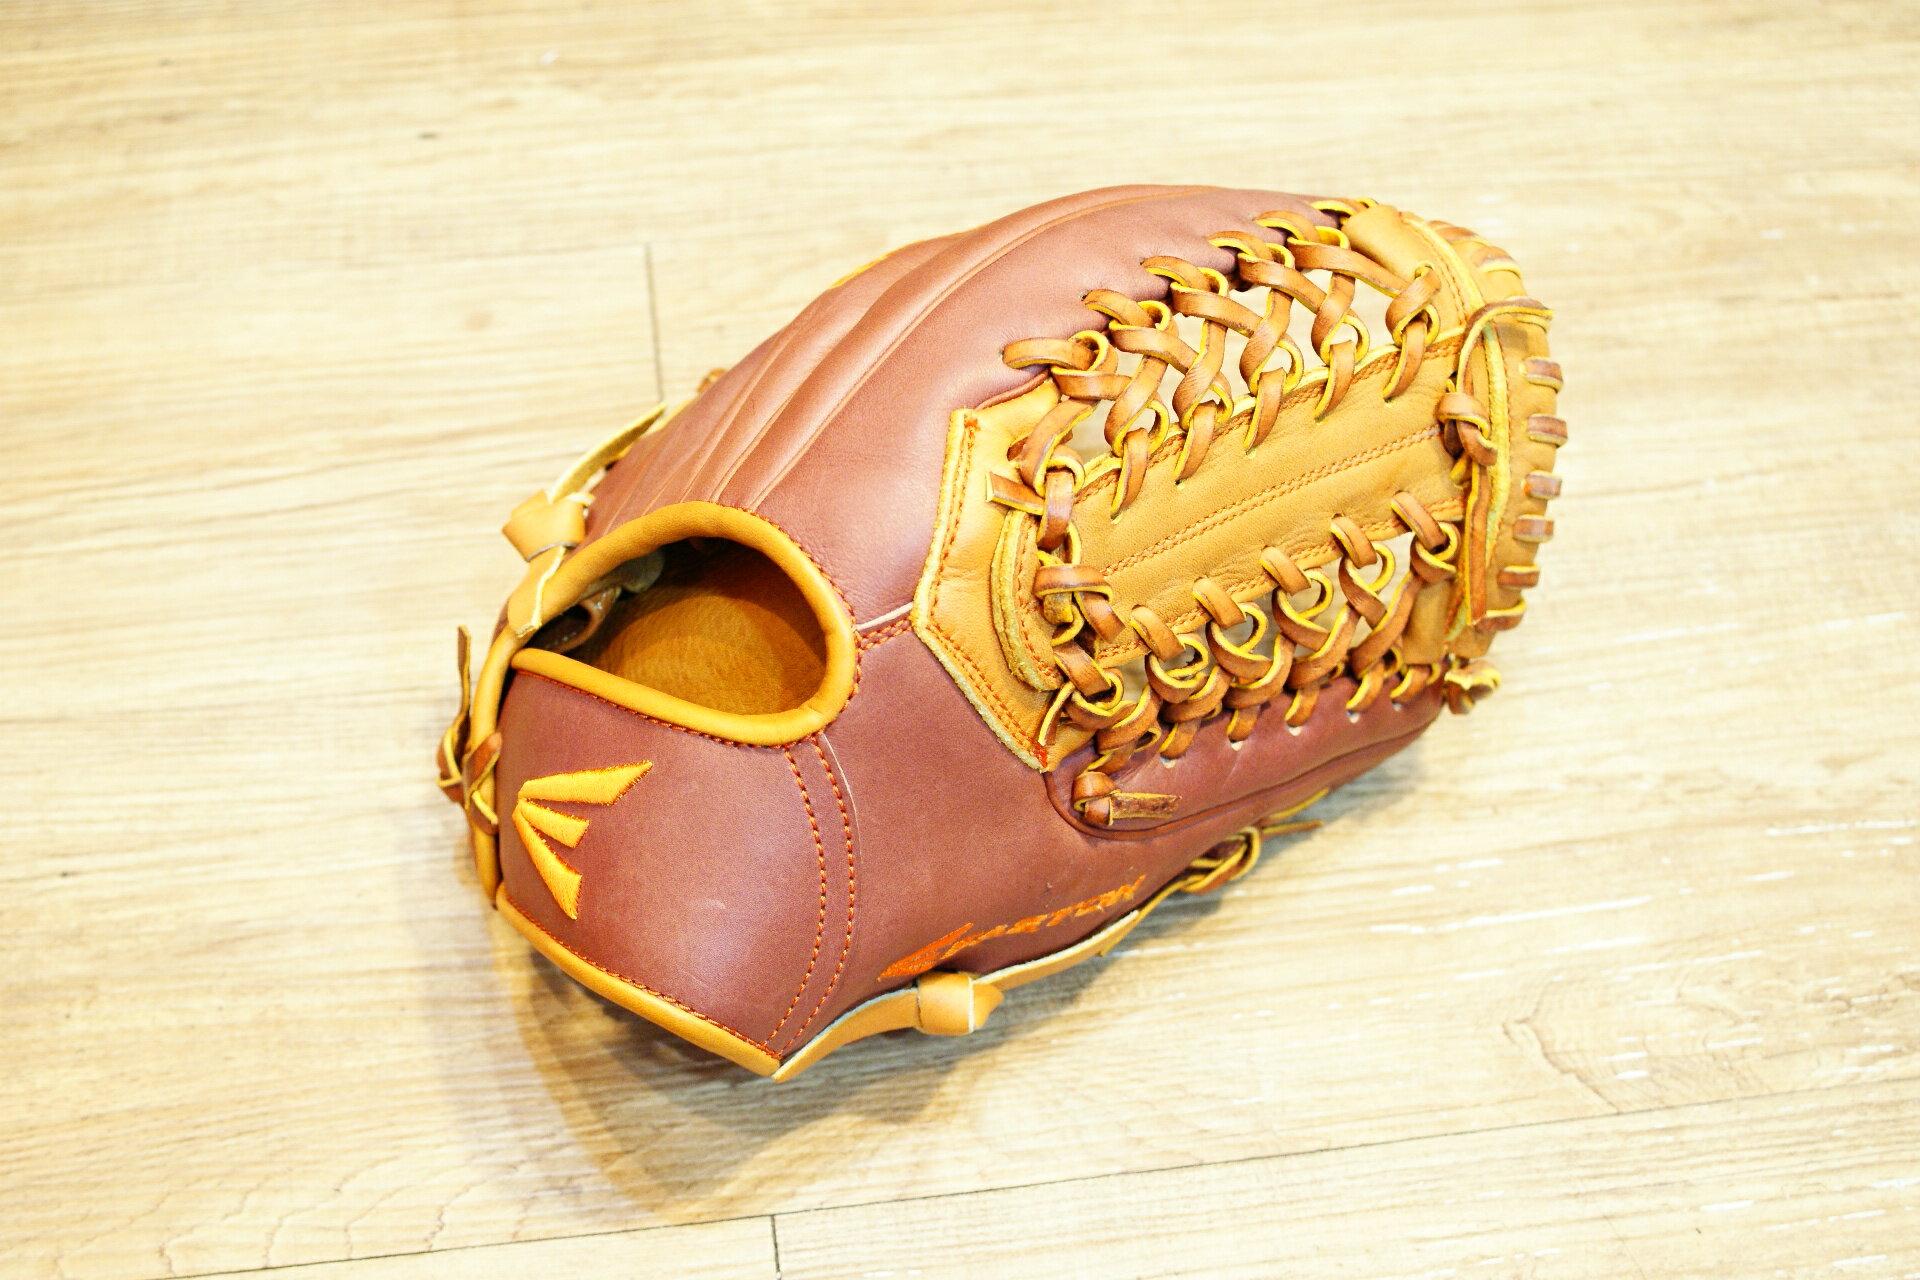 棒球世界原裝進口EASTON美規職業等級小牛皮棒壘手套 特價 內野T網